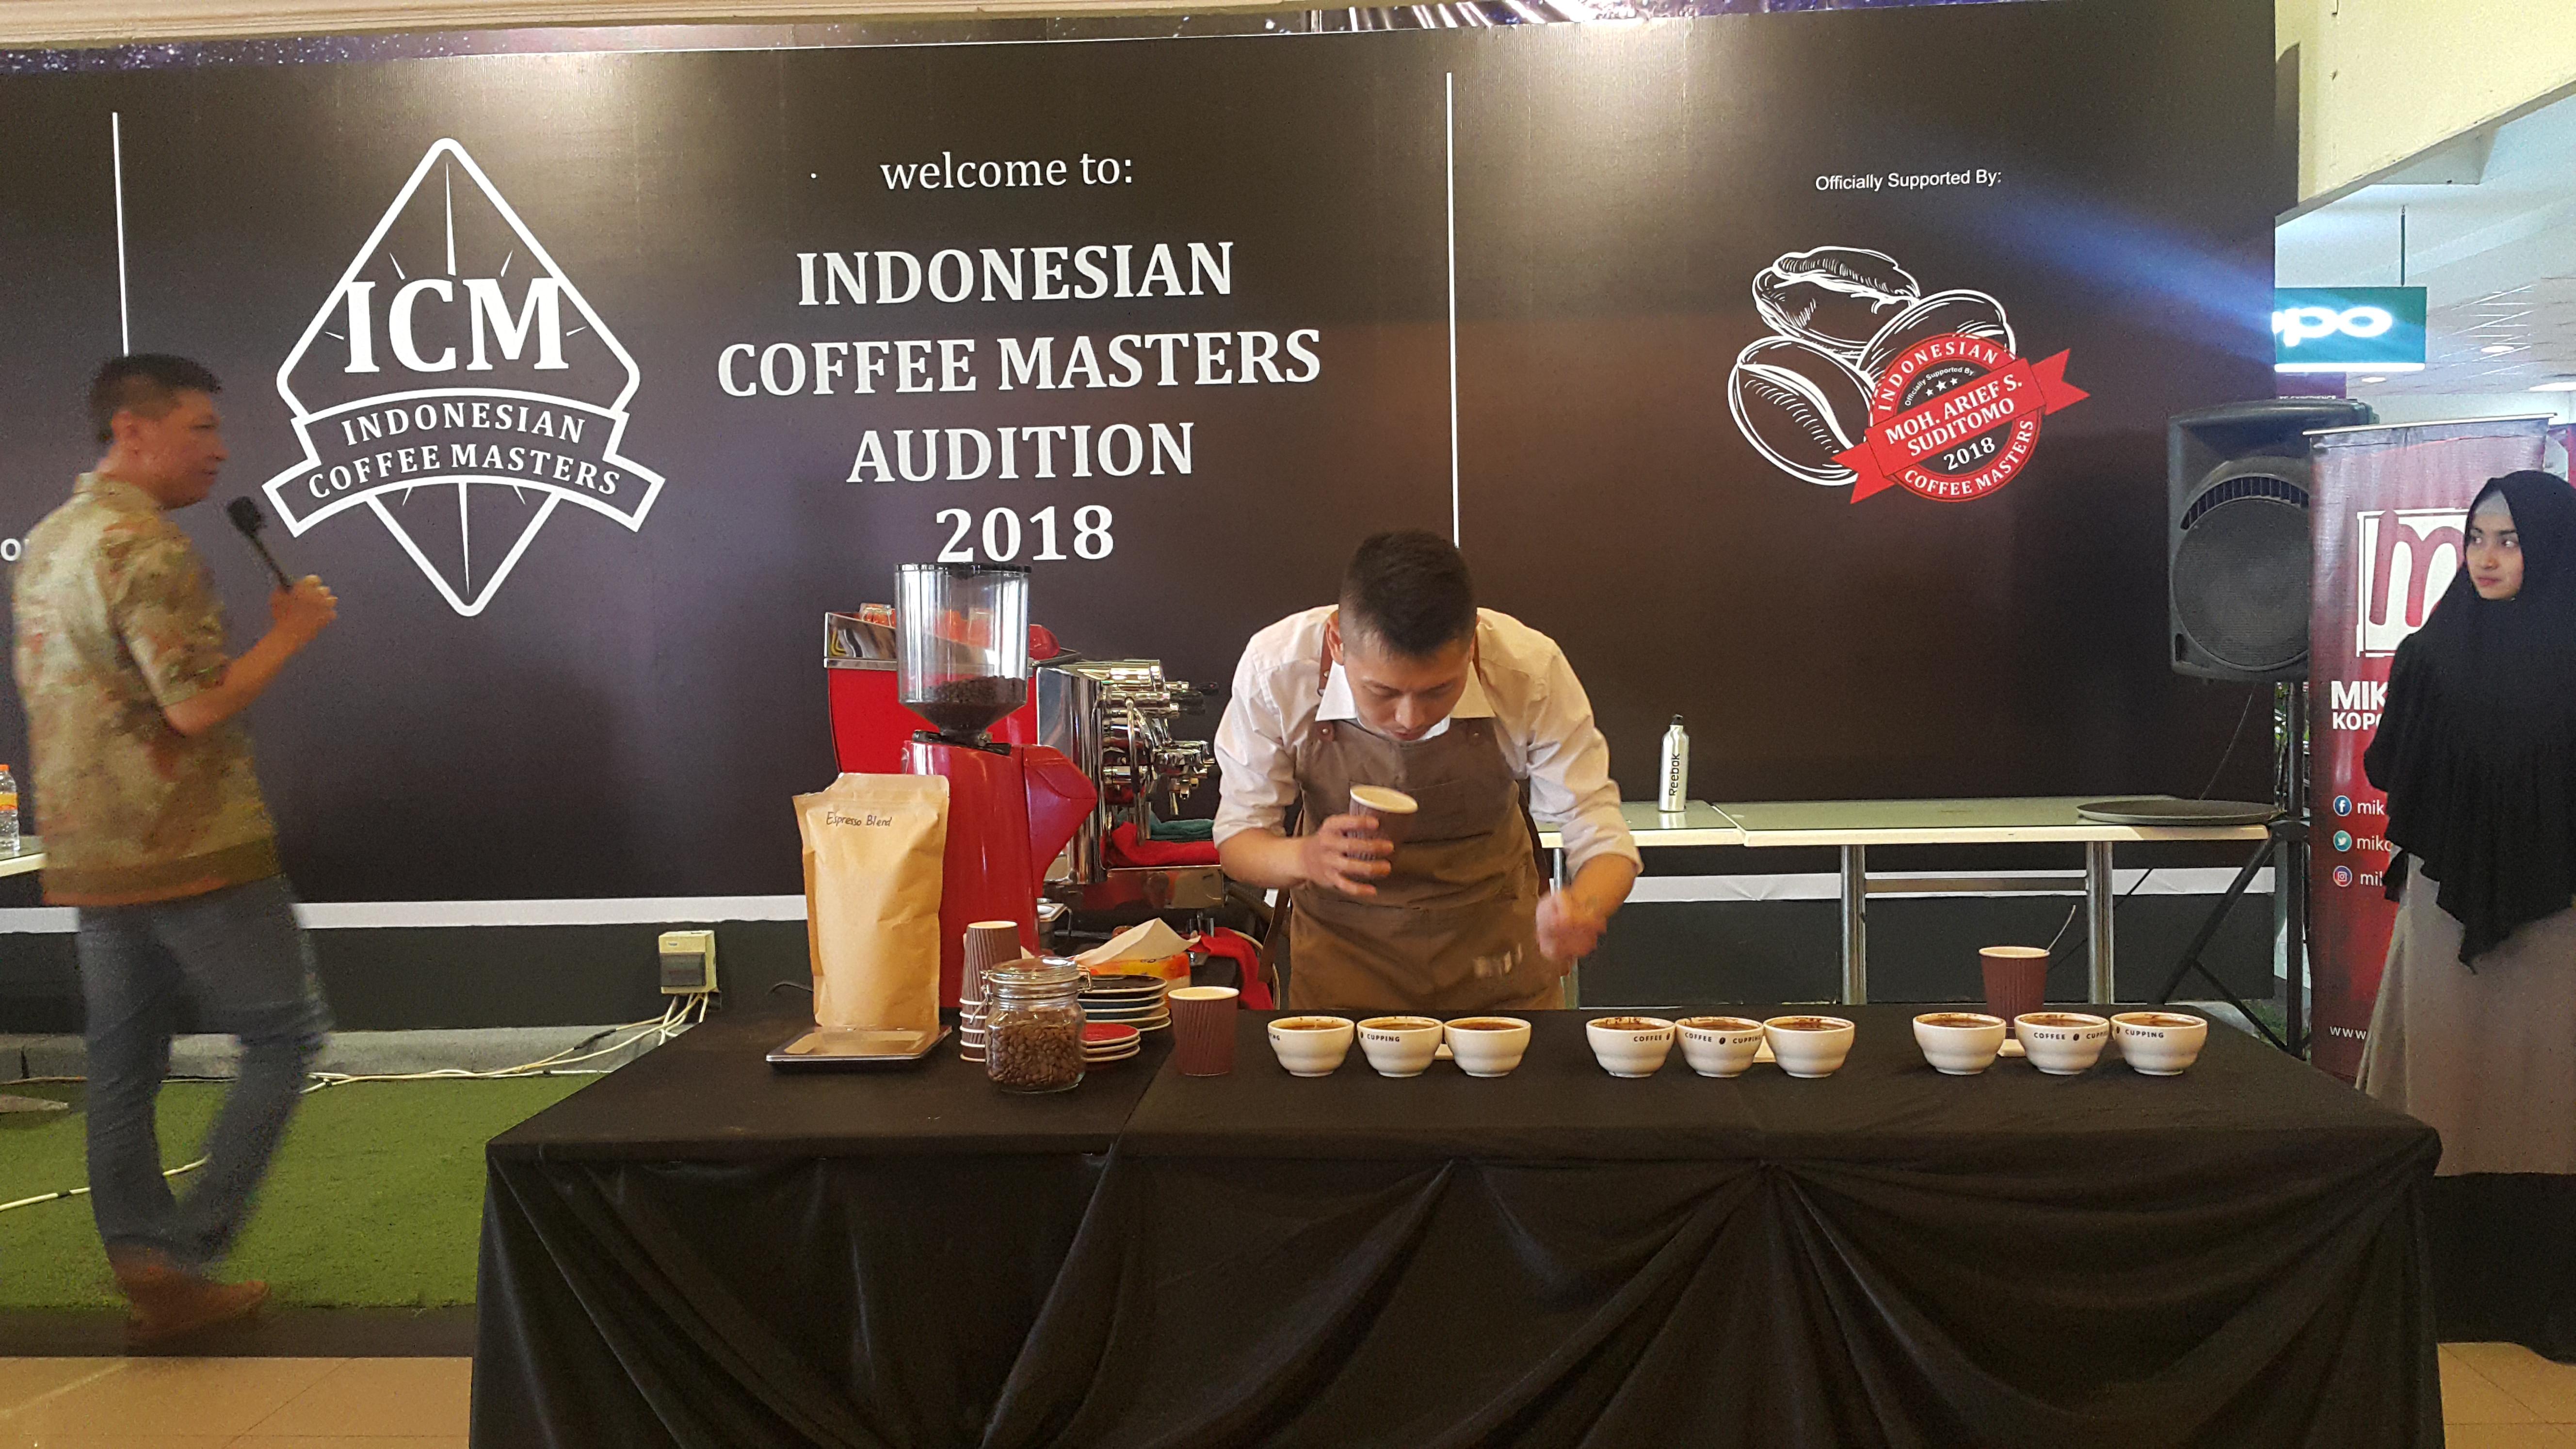 Salah seorang peserta Indonesian Coffee Masters Audition di acara Kopo Coffee Weeks yang digelar di Miko Mall Kopo, Kota Bandung, Jumat, (6/4/2018).